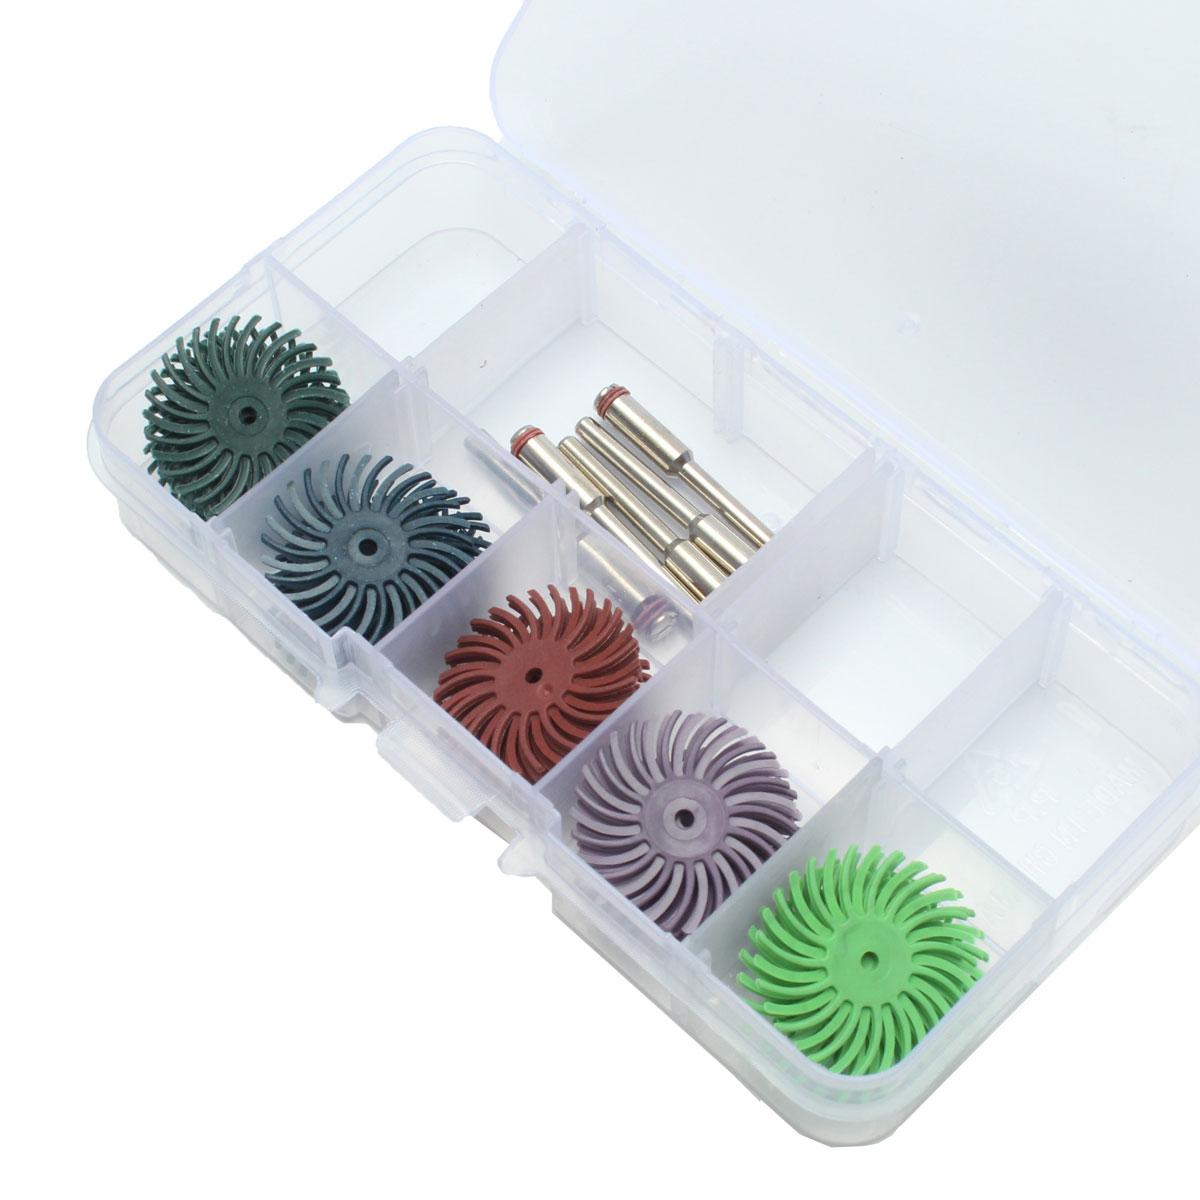 30pcs 5 Grits Polishing Disc Brush Radial Bristle 1